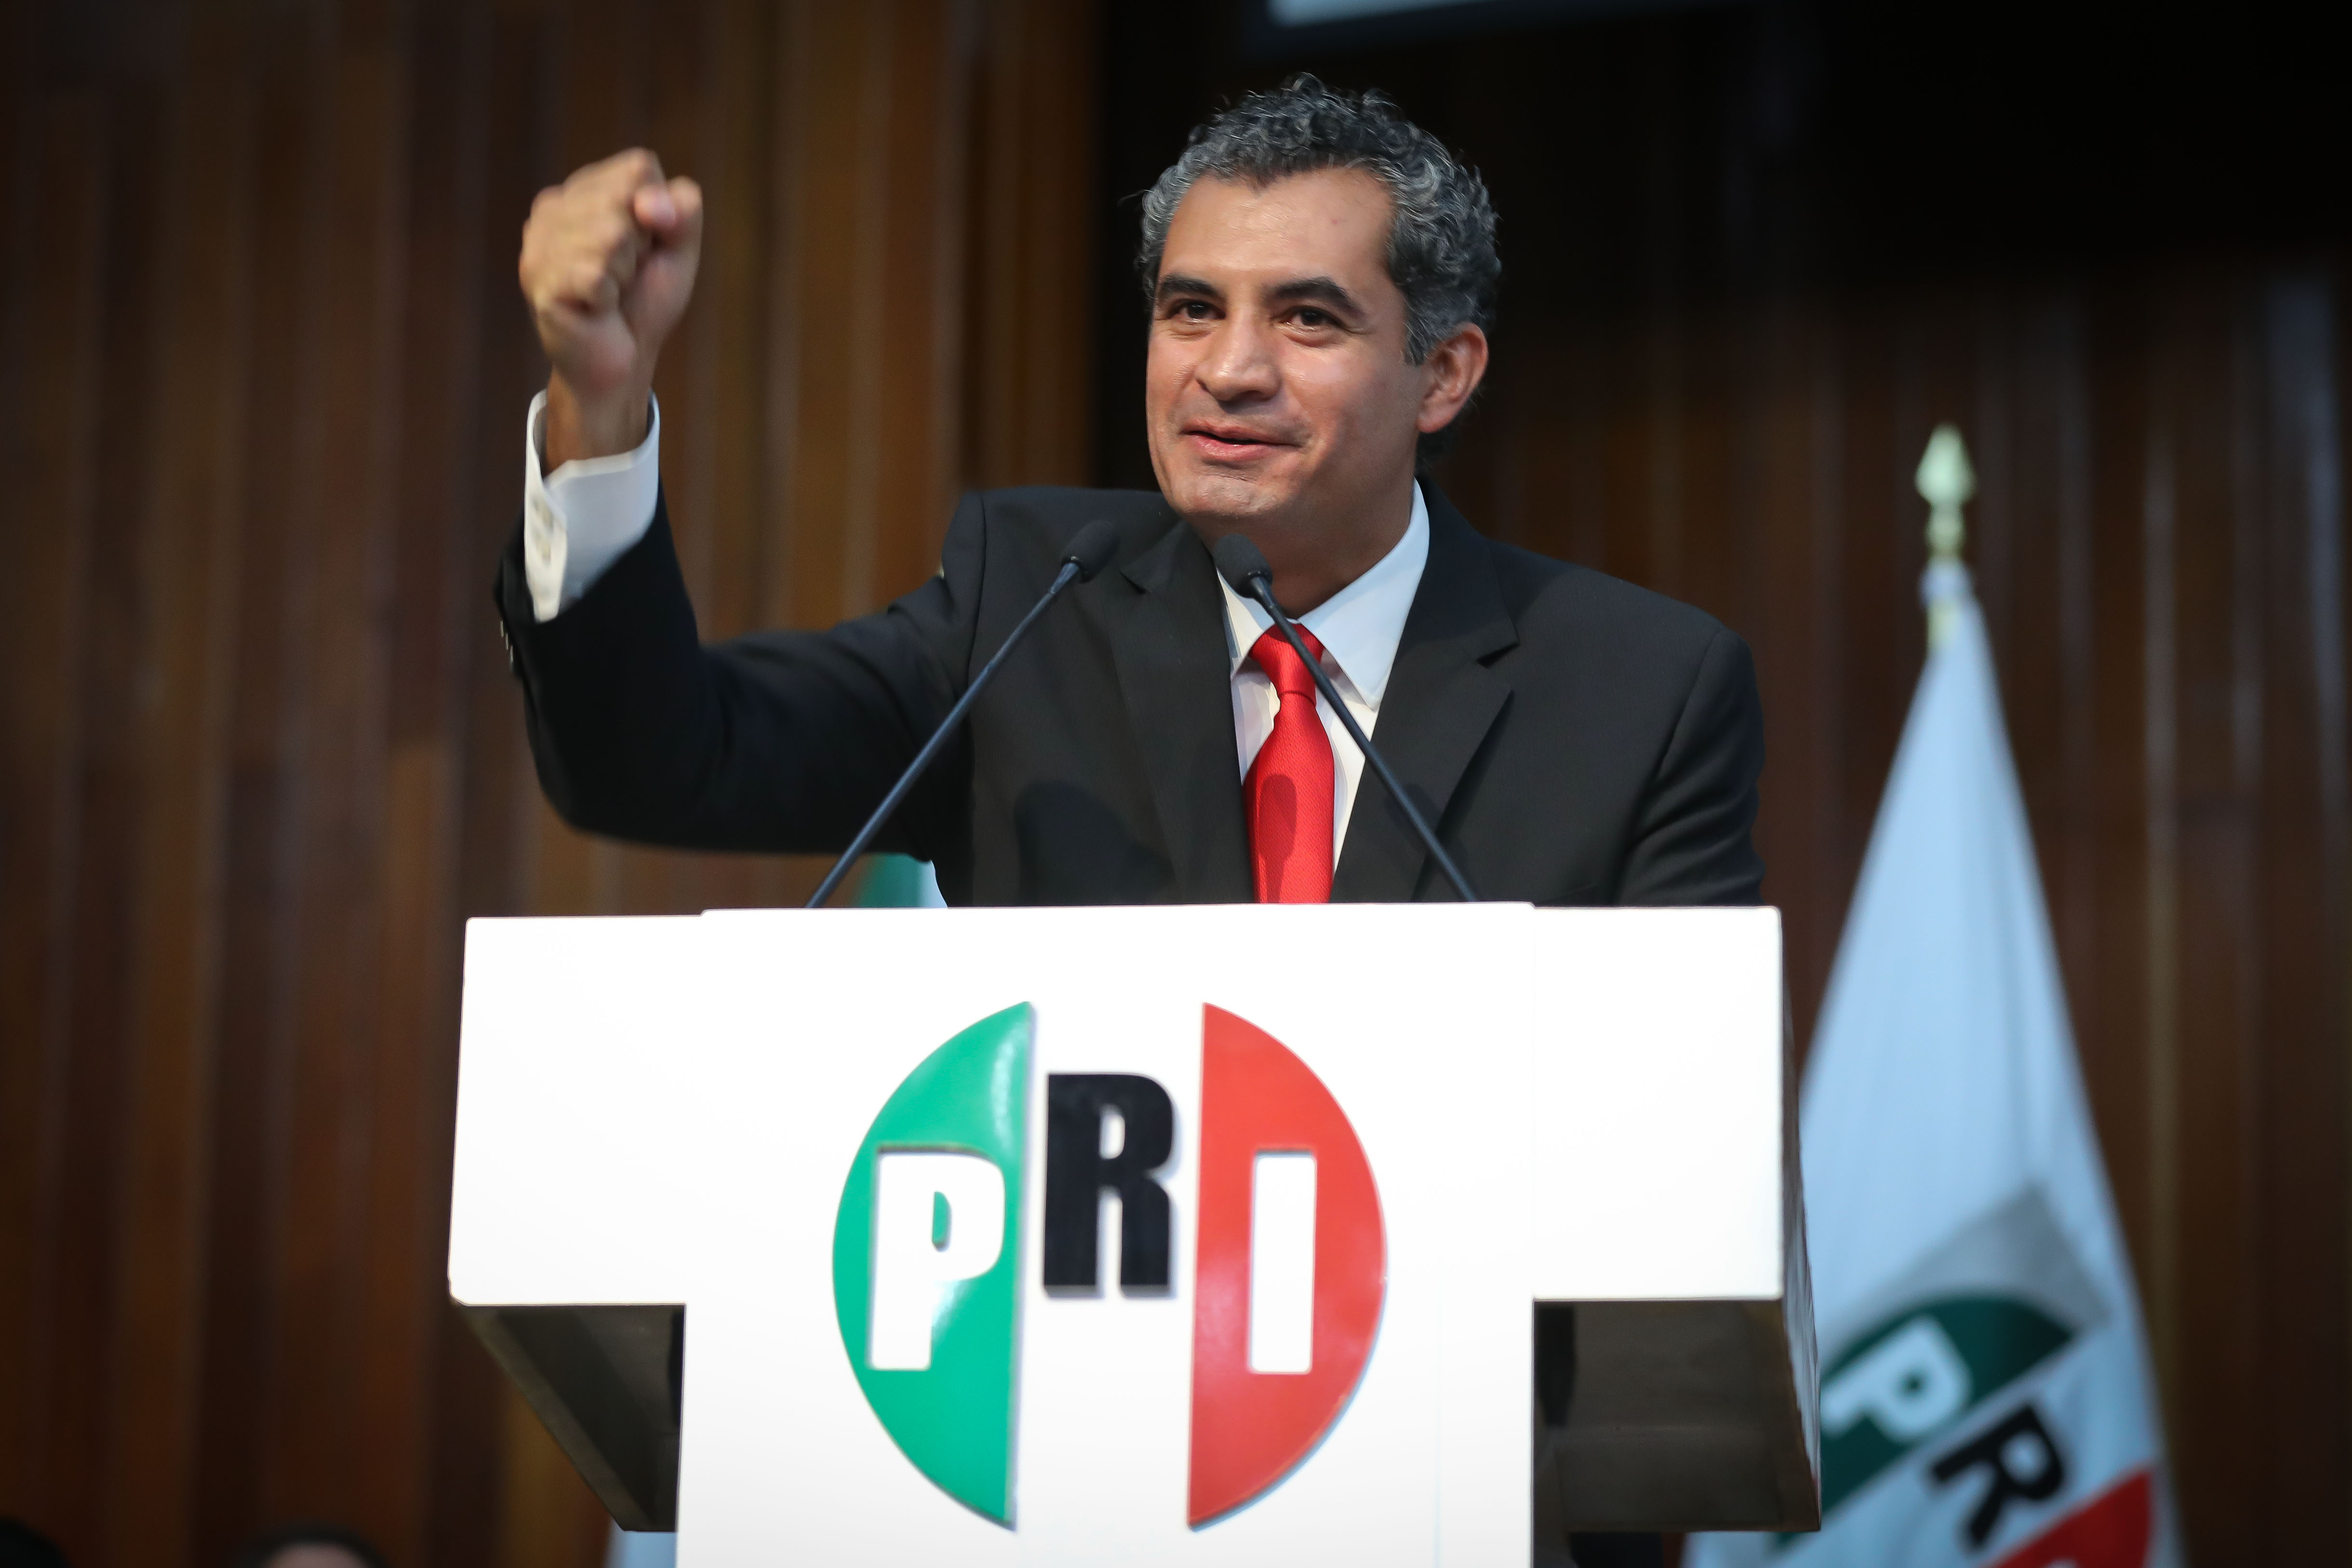 Integra PRI nueva agenda para construir el México de los próximos años